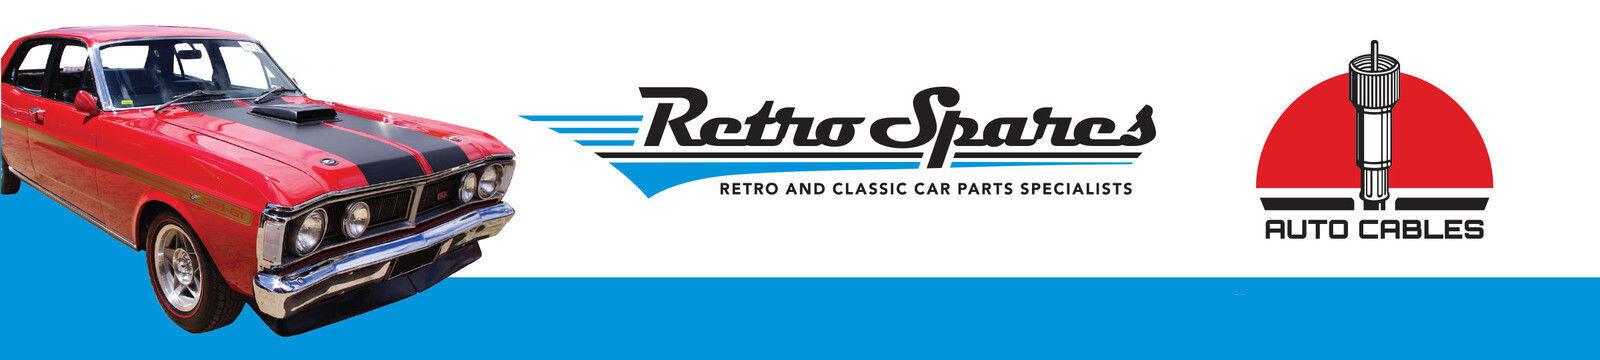 Retro Spares